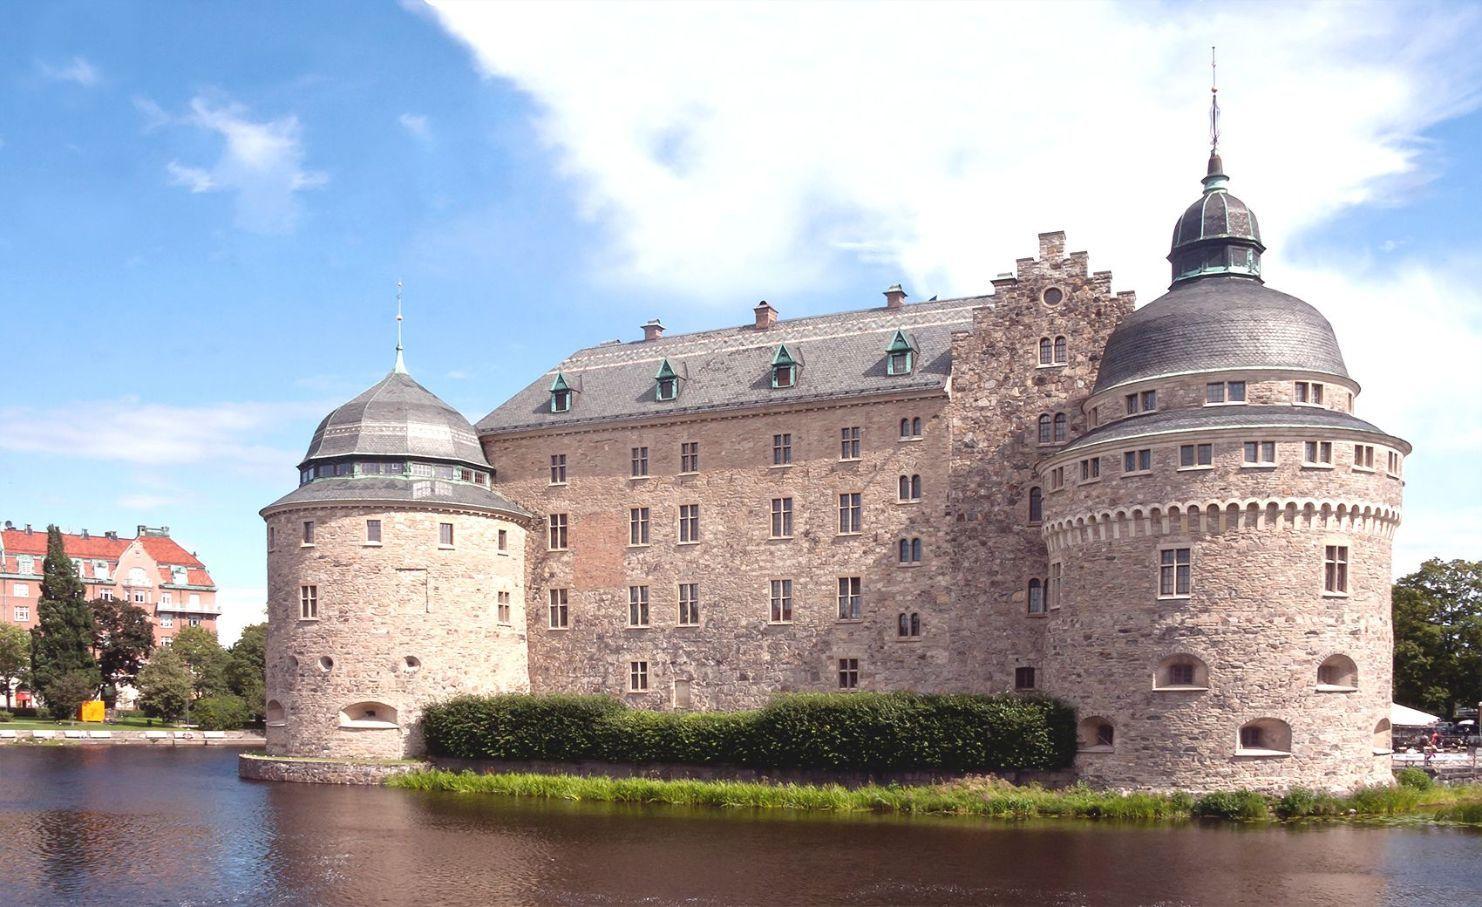 O¨rebro Castle in O¨rebro